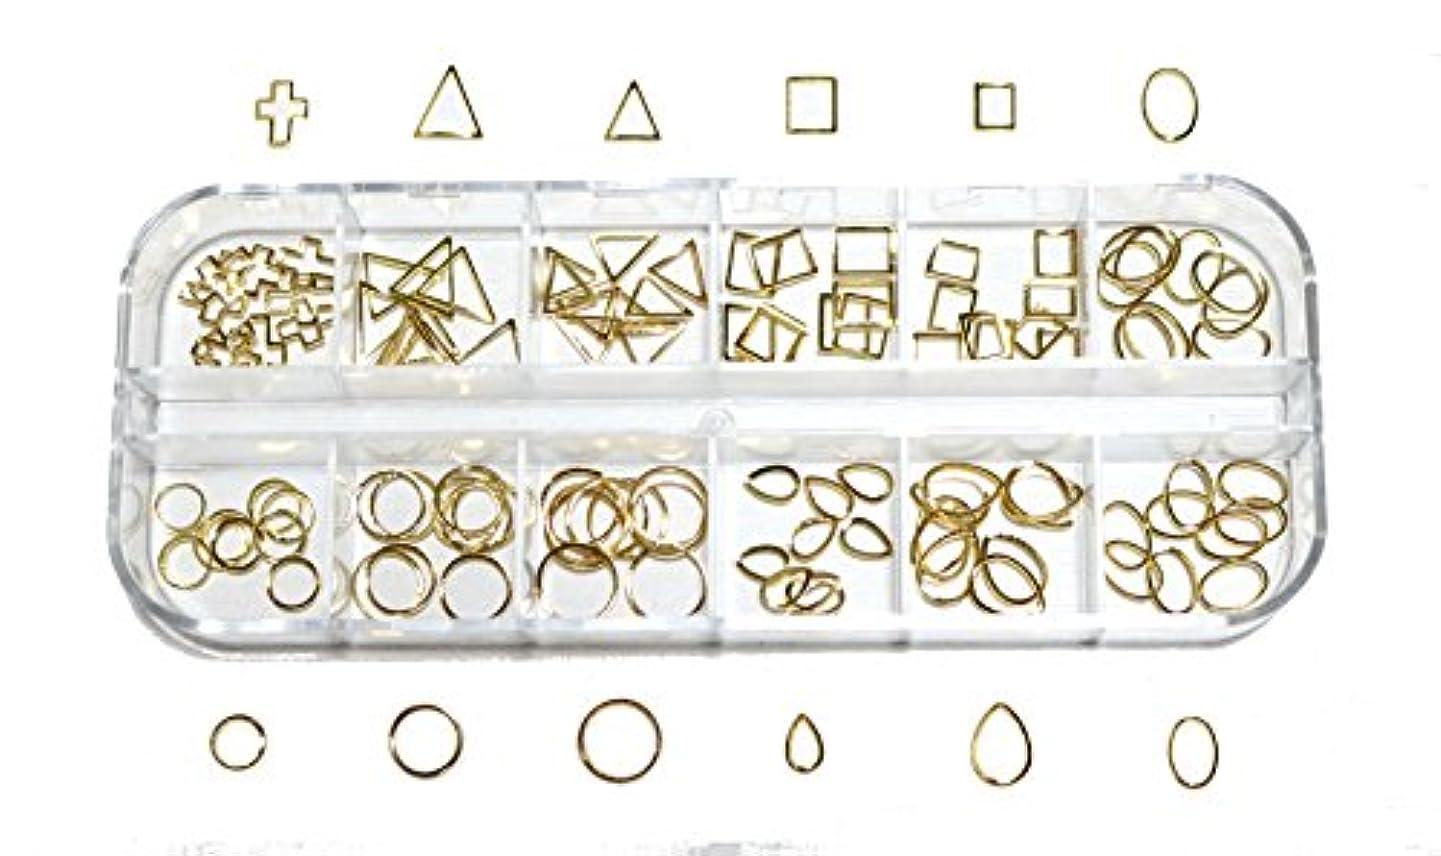 推測分離後方【jewel】 メタルフレームパーツ ゴールドorシルバー 12種類 各10個入り カラー選択可能☆ (ゴールド)